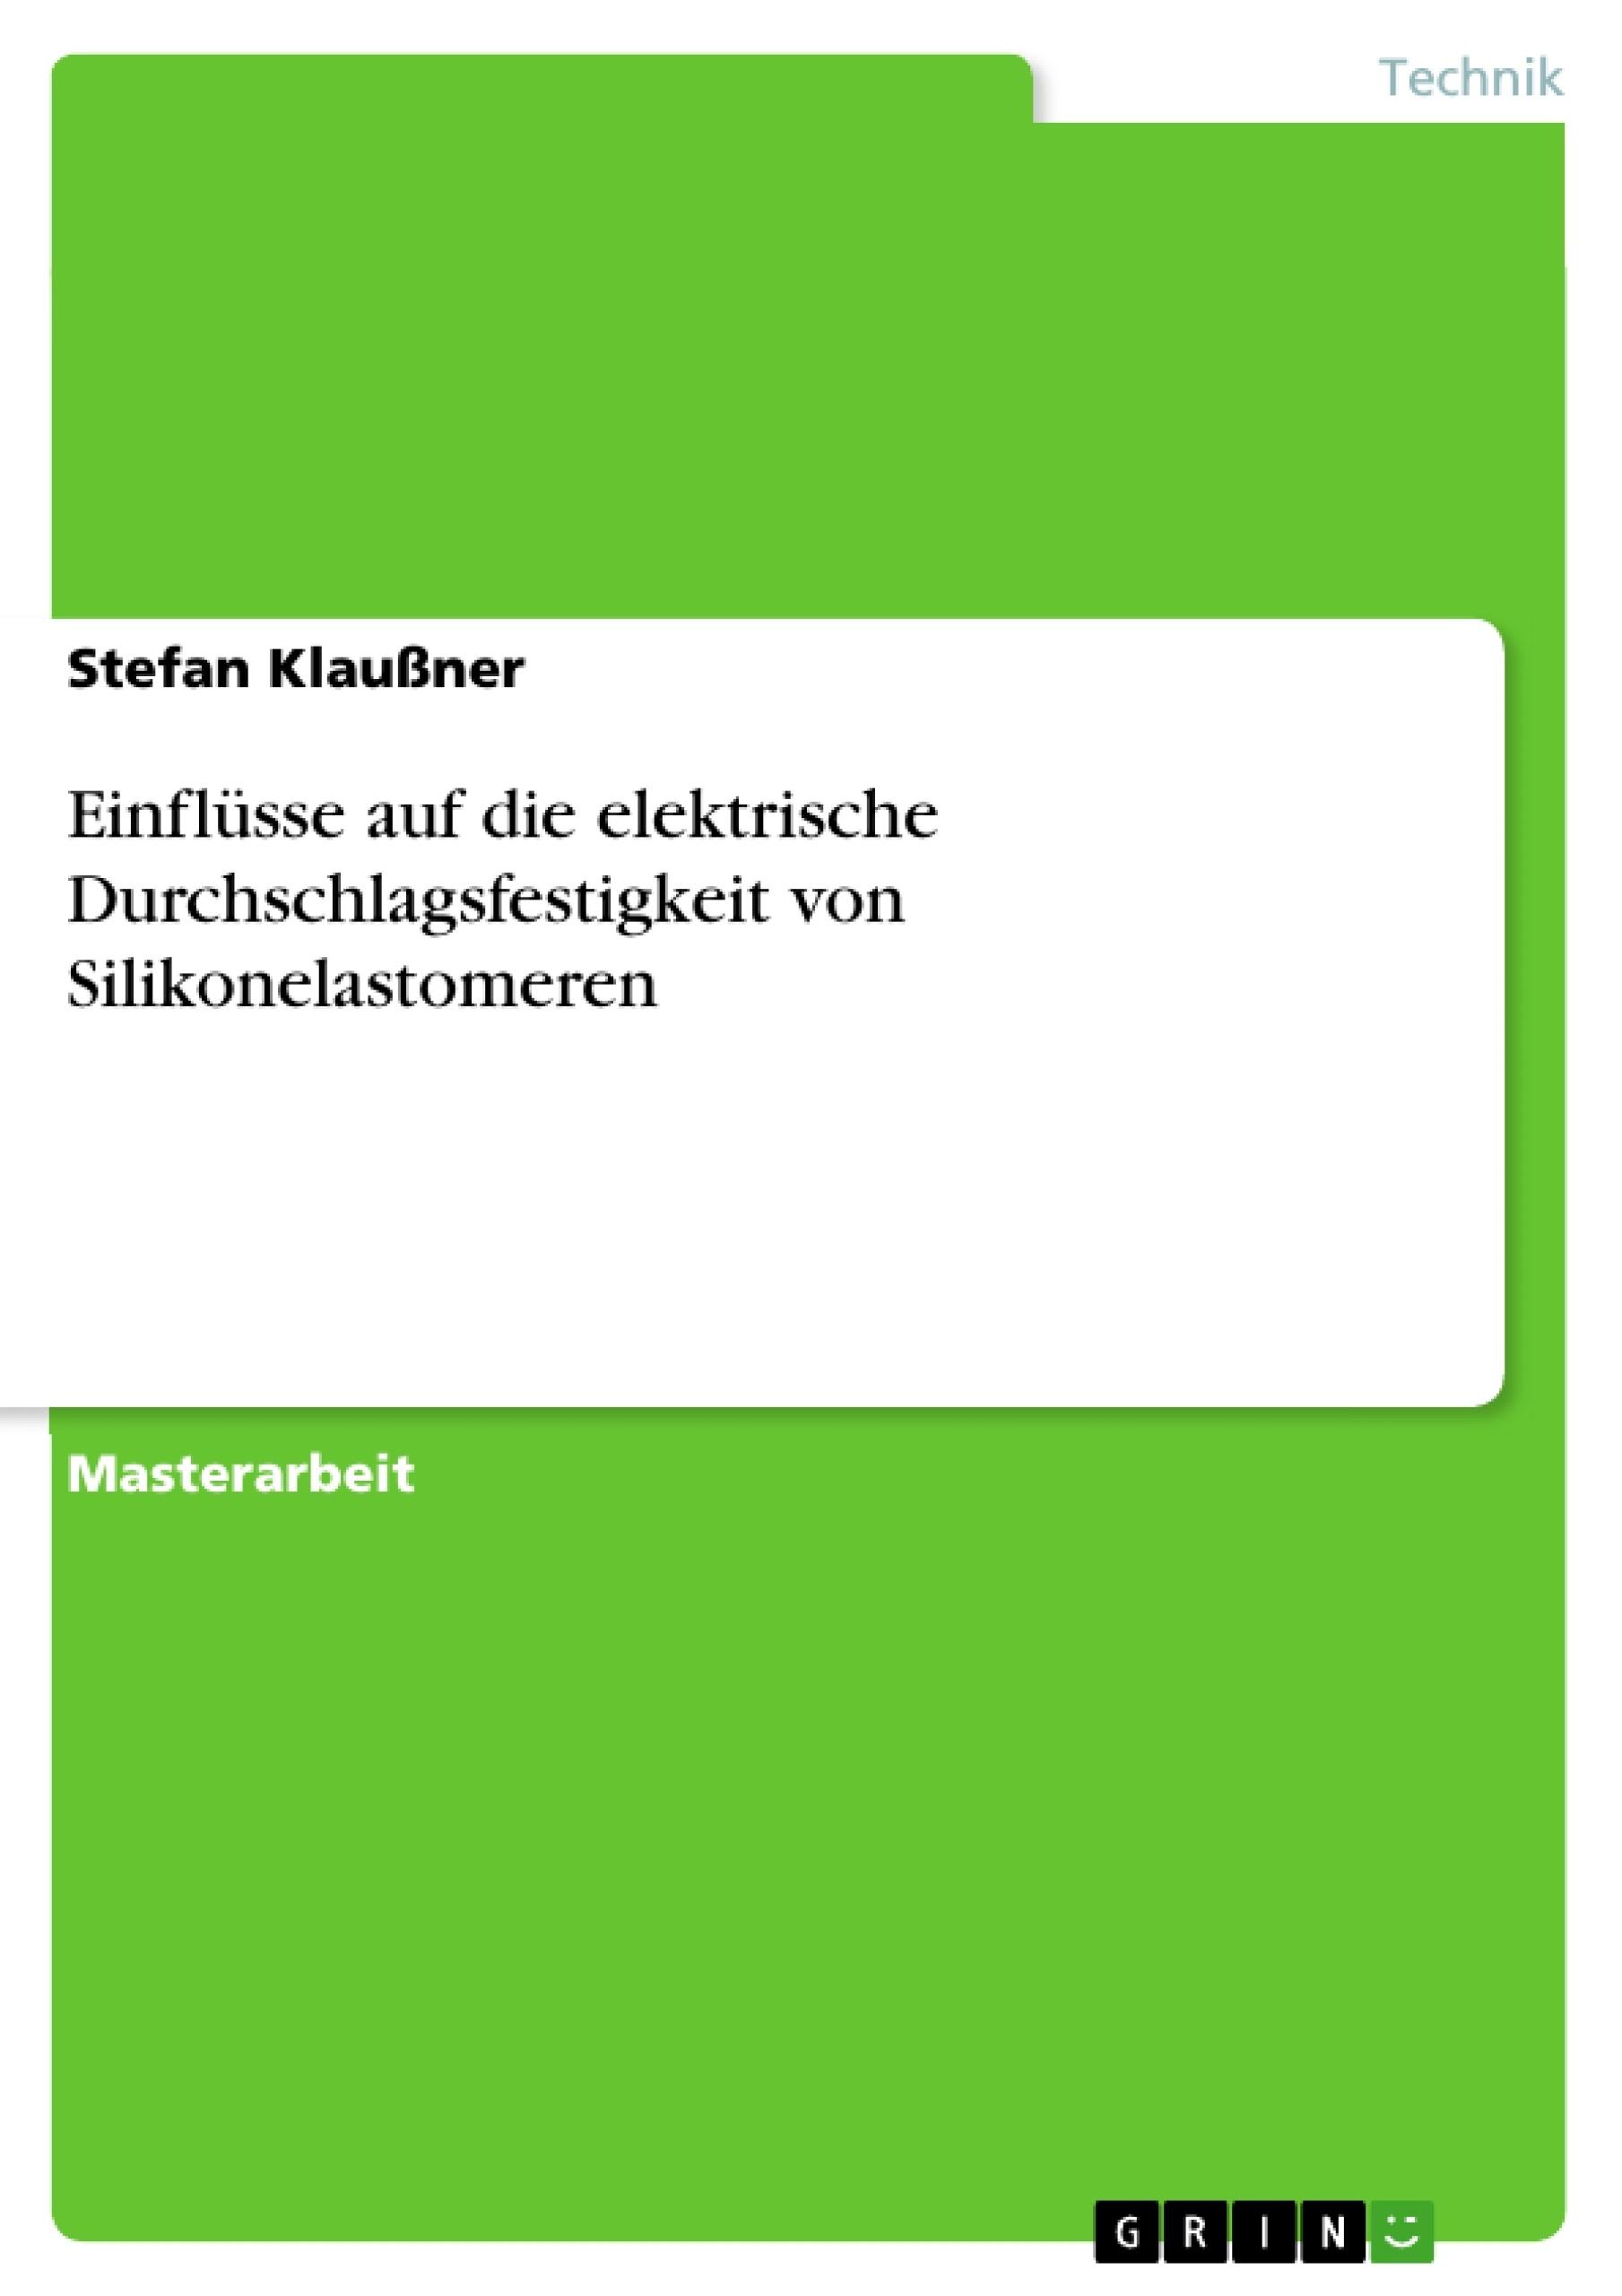 Titel: Einflüsse auf die elektrische Durchschlagsfestigkeit von Silikonelastomeren